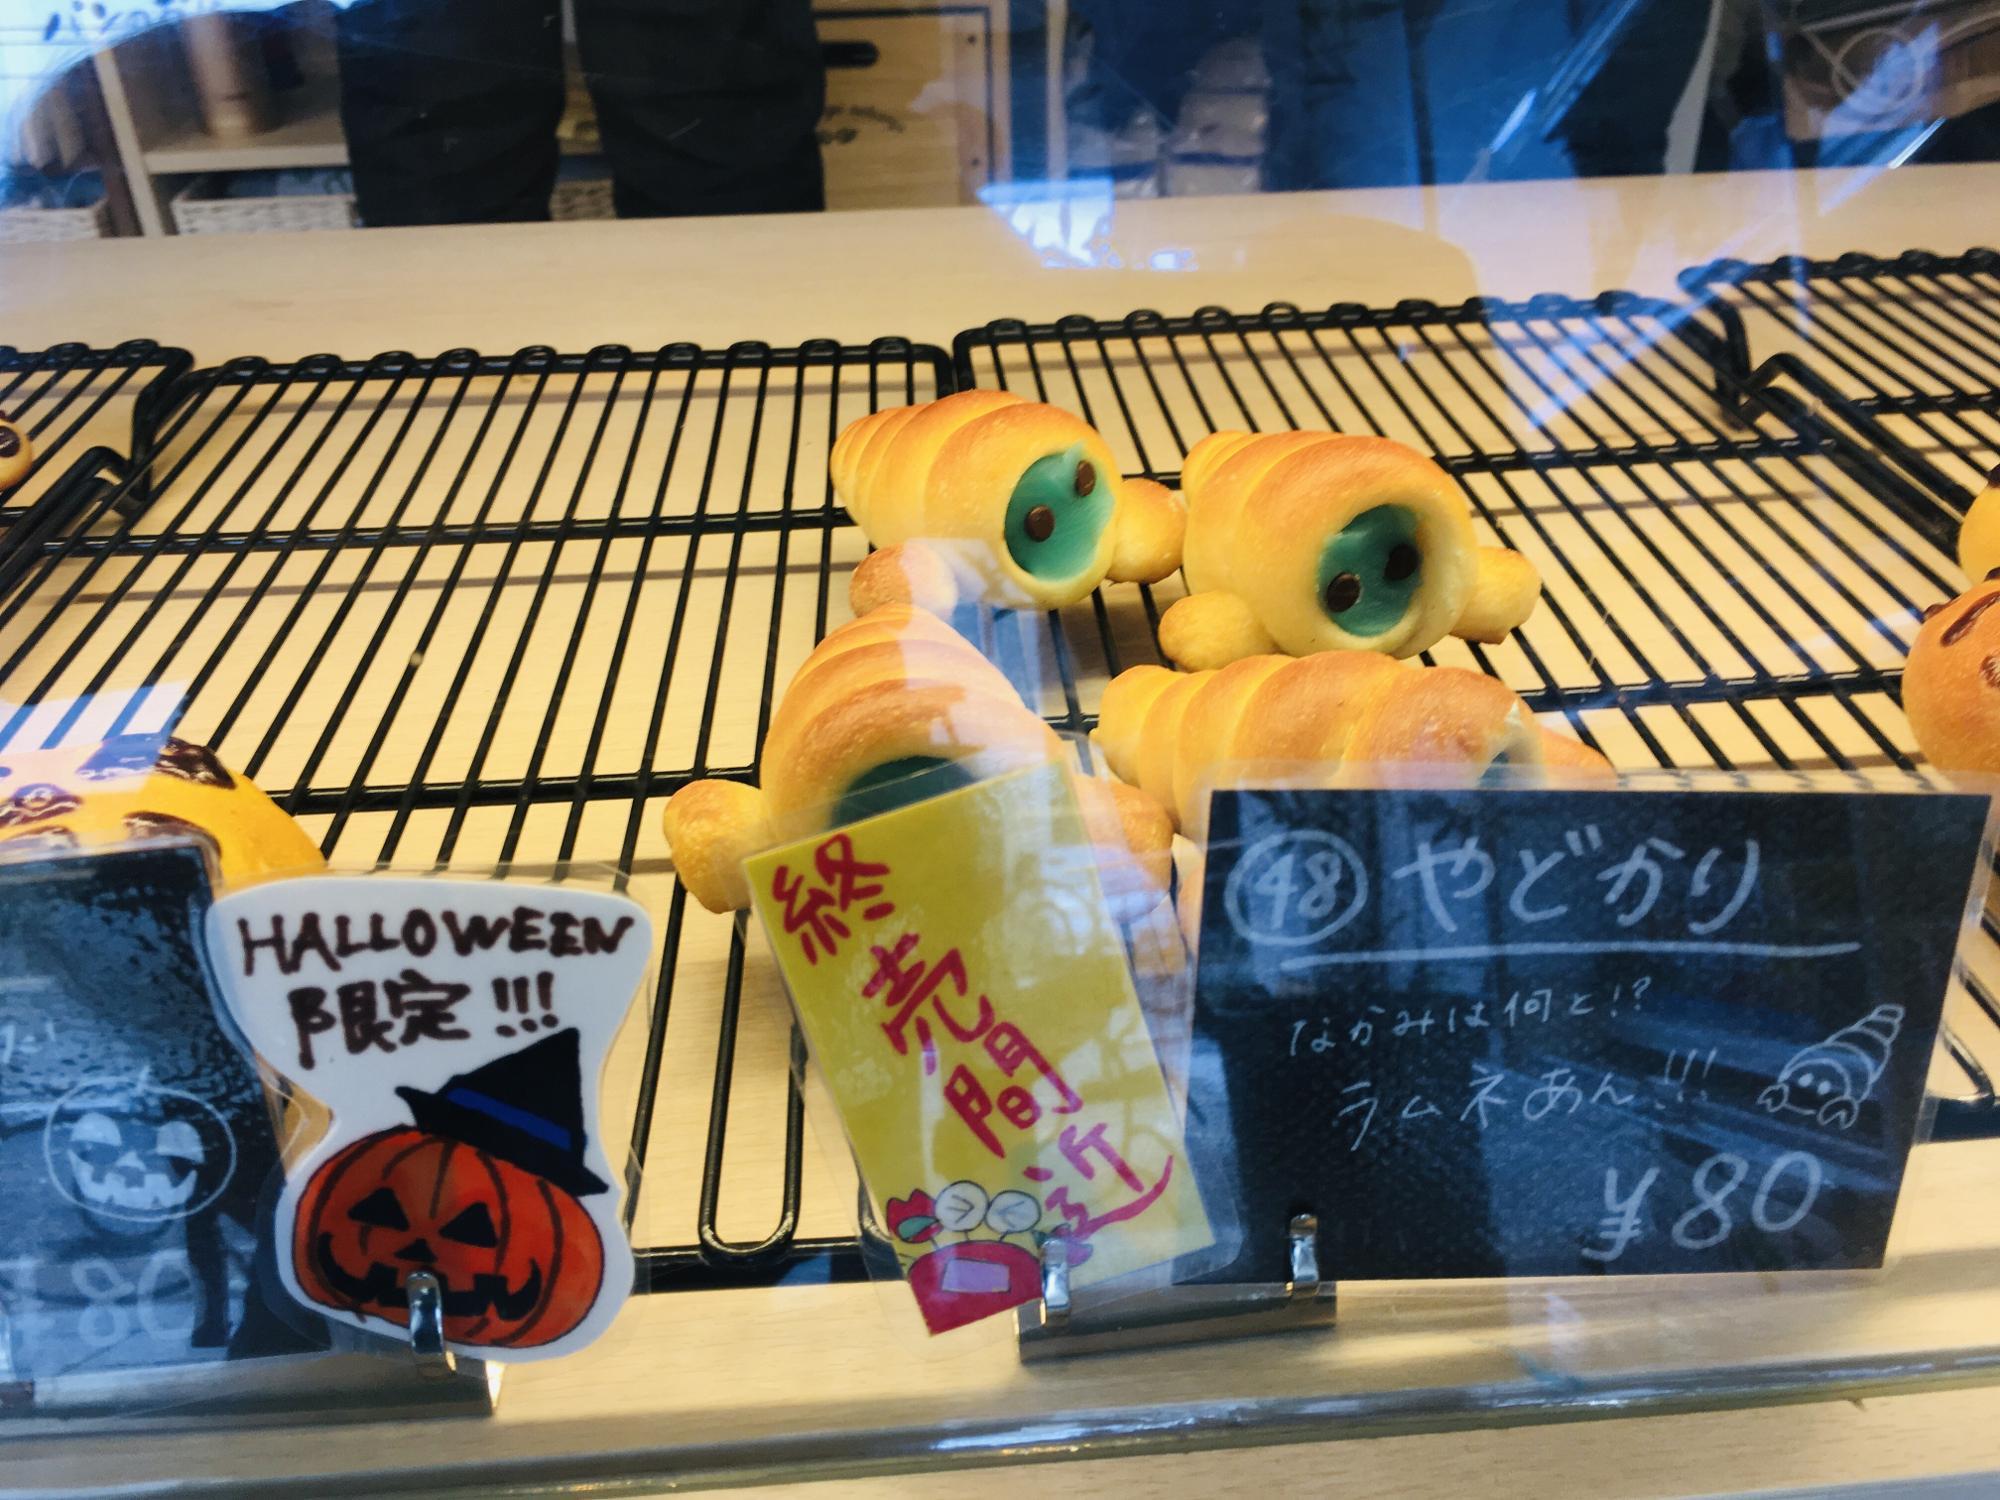 夏限定パン『やどかり』 駄菓子屋で販売しているラムネのような味で懐かしさも感じる